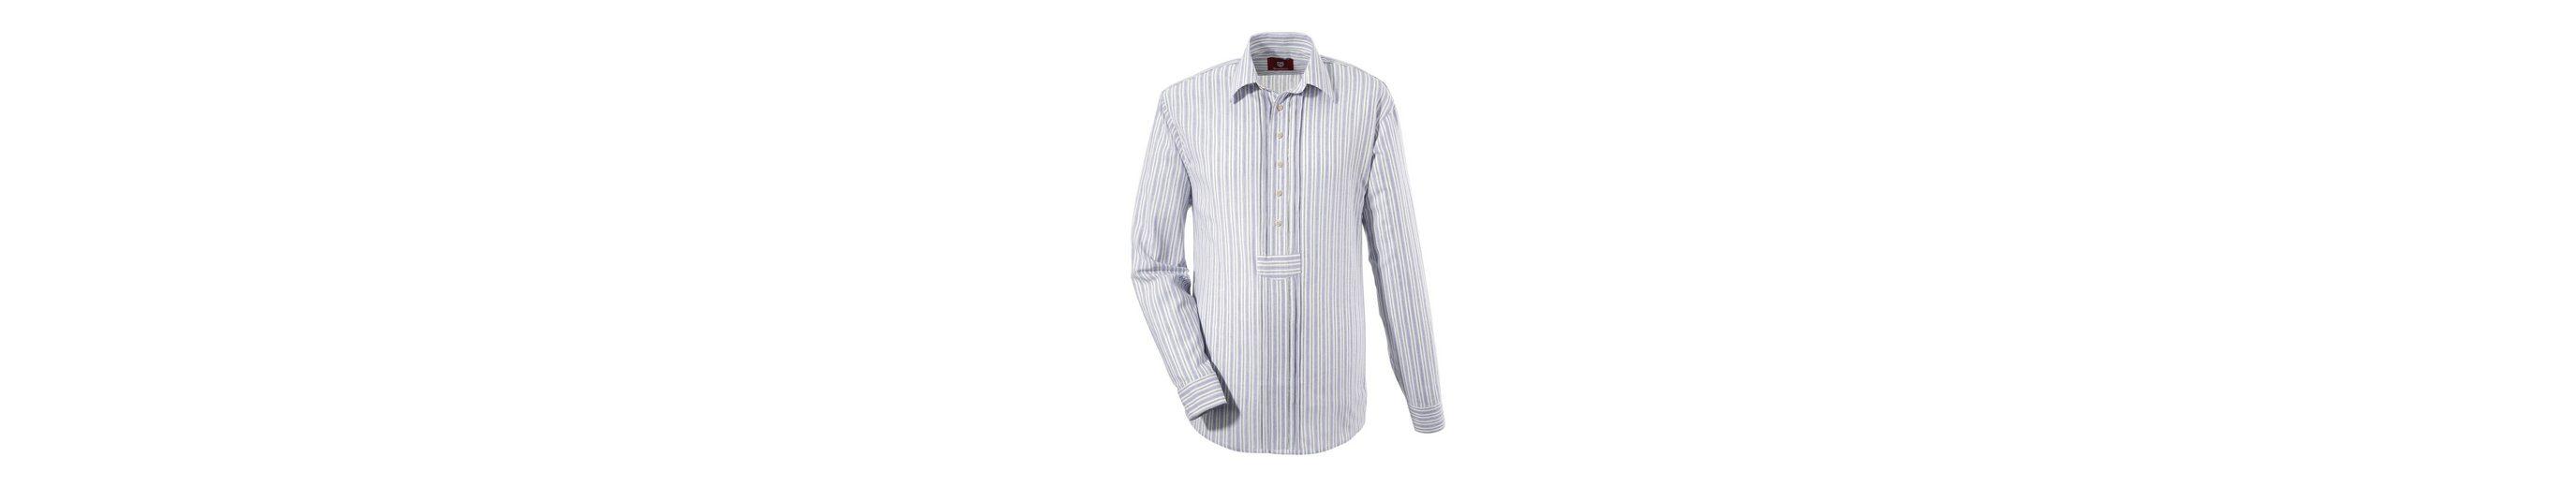 OS-Trachten Trachtenhemd im modischem Streifendesign Komfortabel Günstiger Preis Billig Verkauf 100% Original ajSQU8